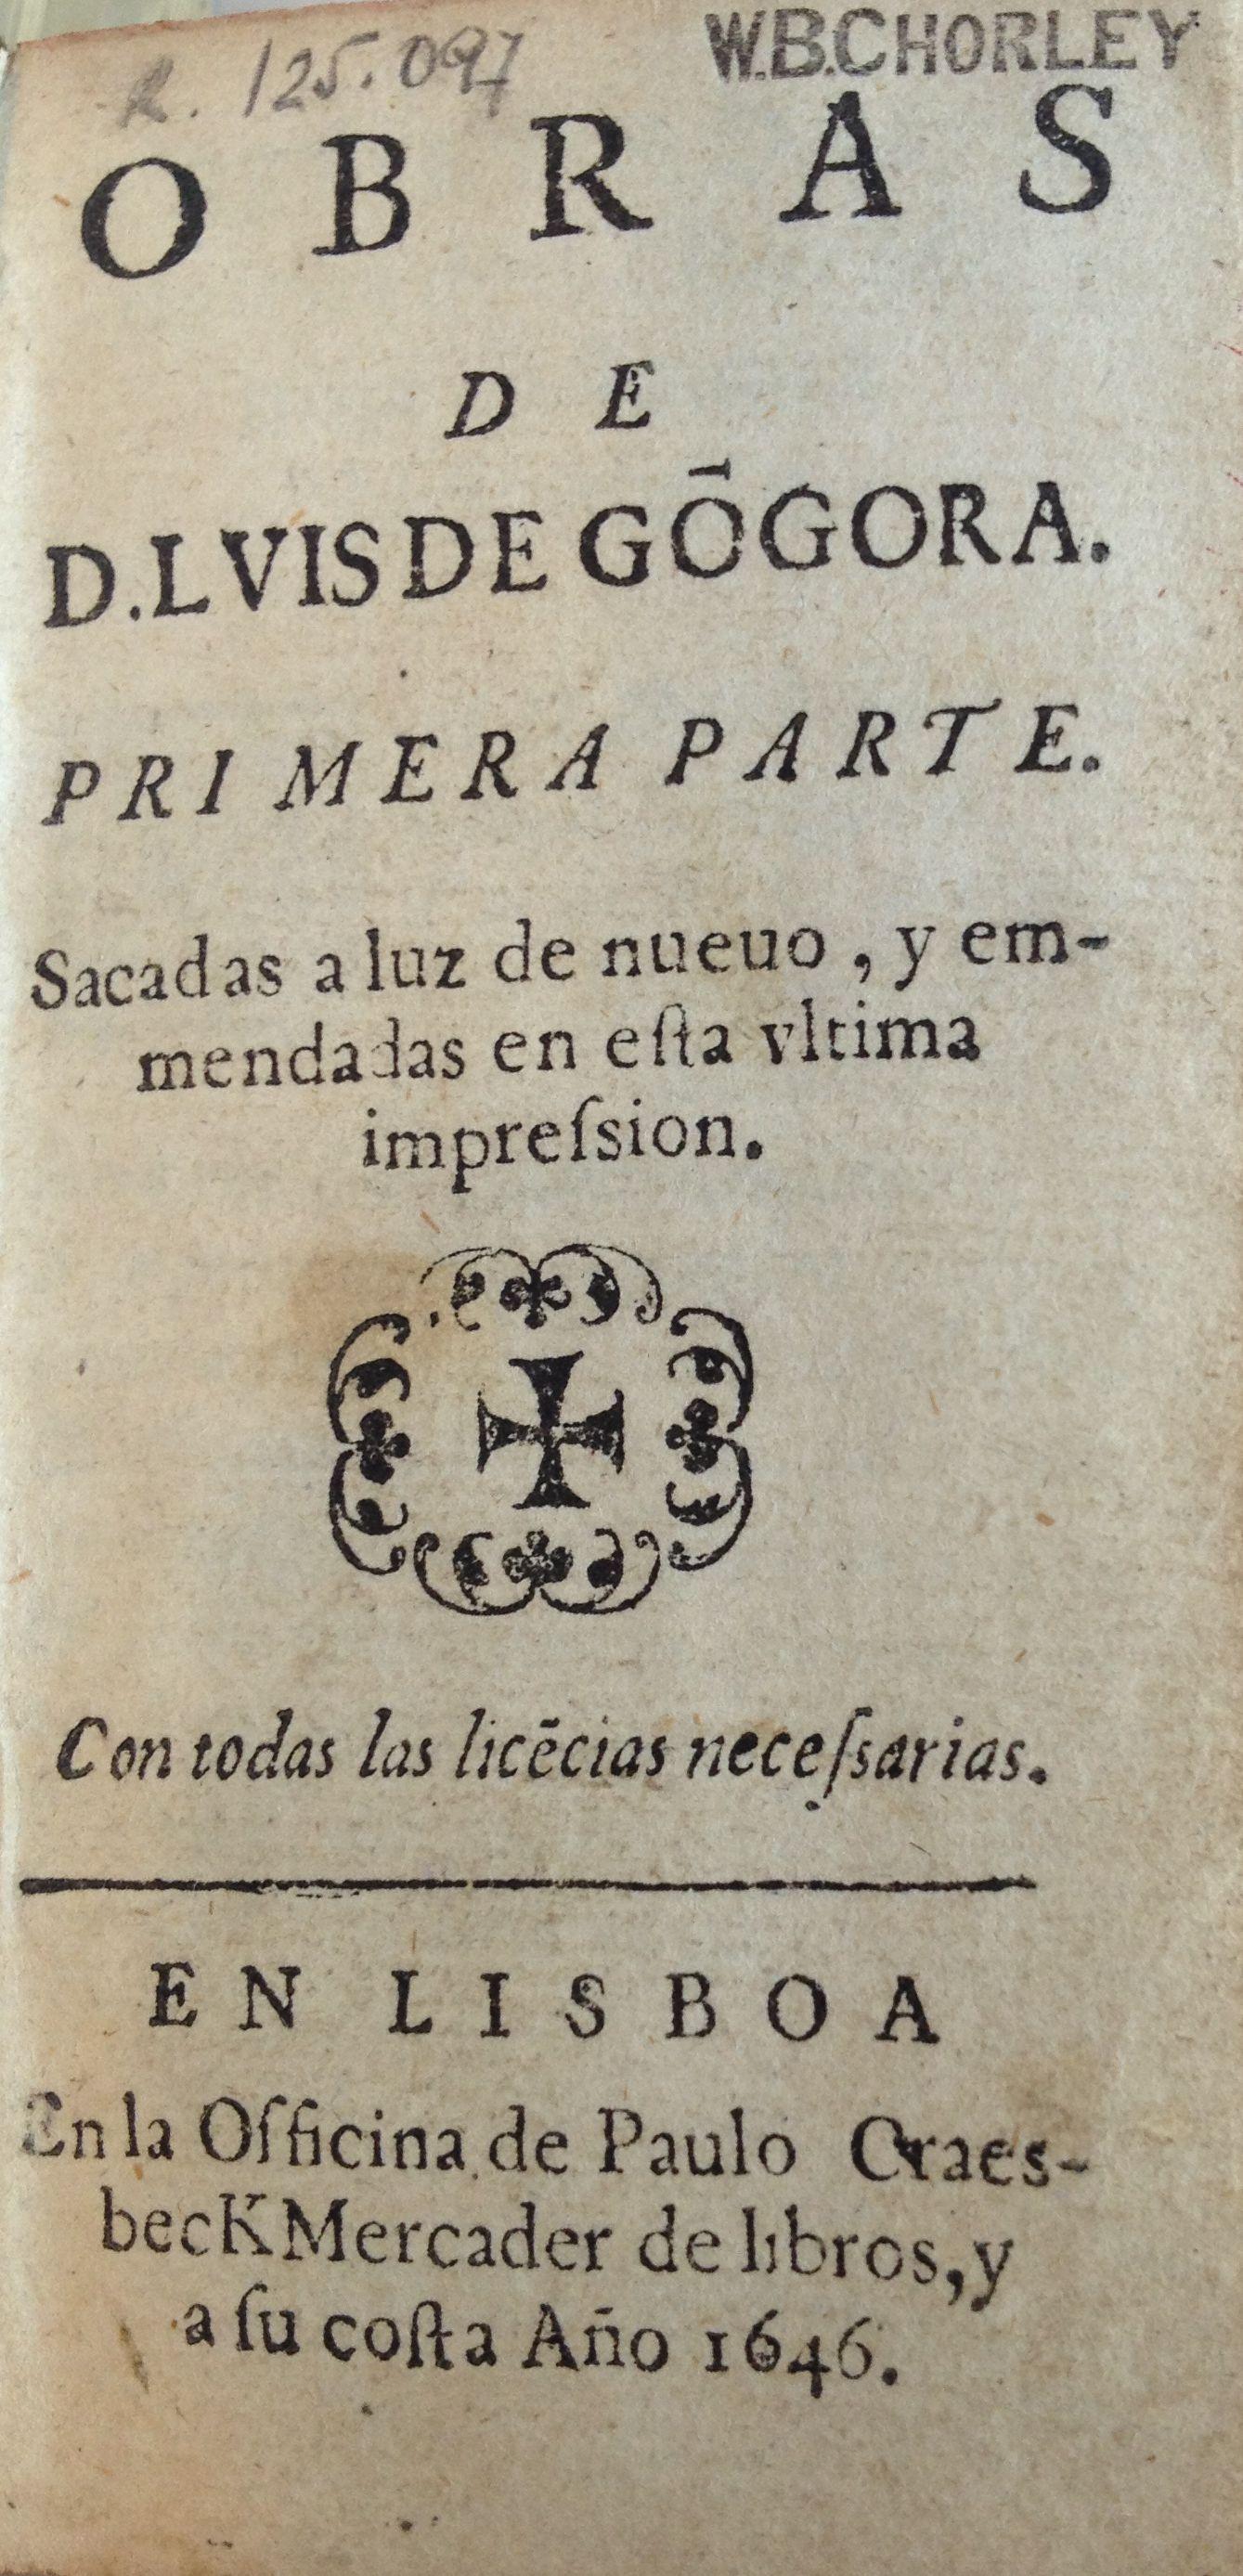 Obras de D. Luis de Gongora, 1646-1647